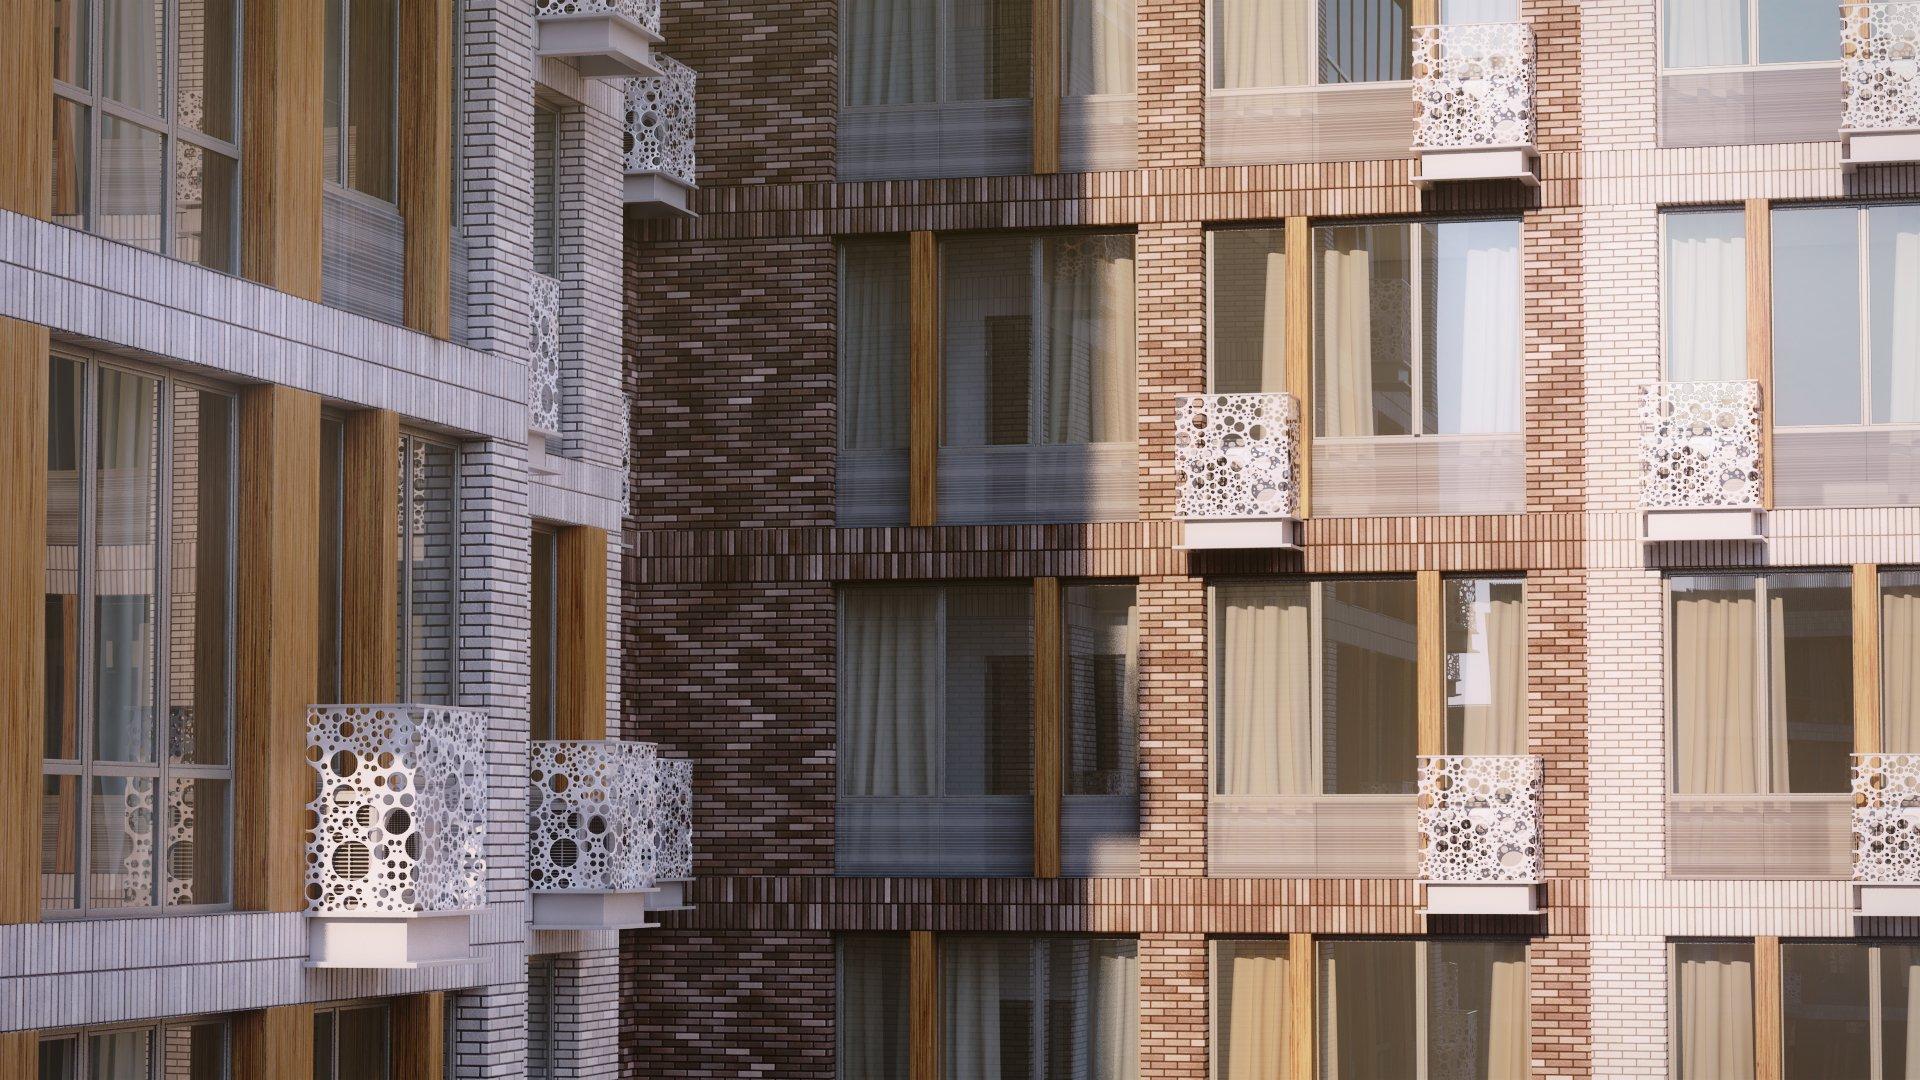 Жилой Квартал «1147» - новостройка на ул. Маломосковская | Официальный сайт  ЖК «1147»